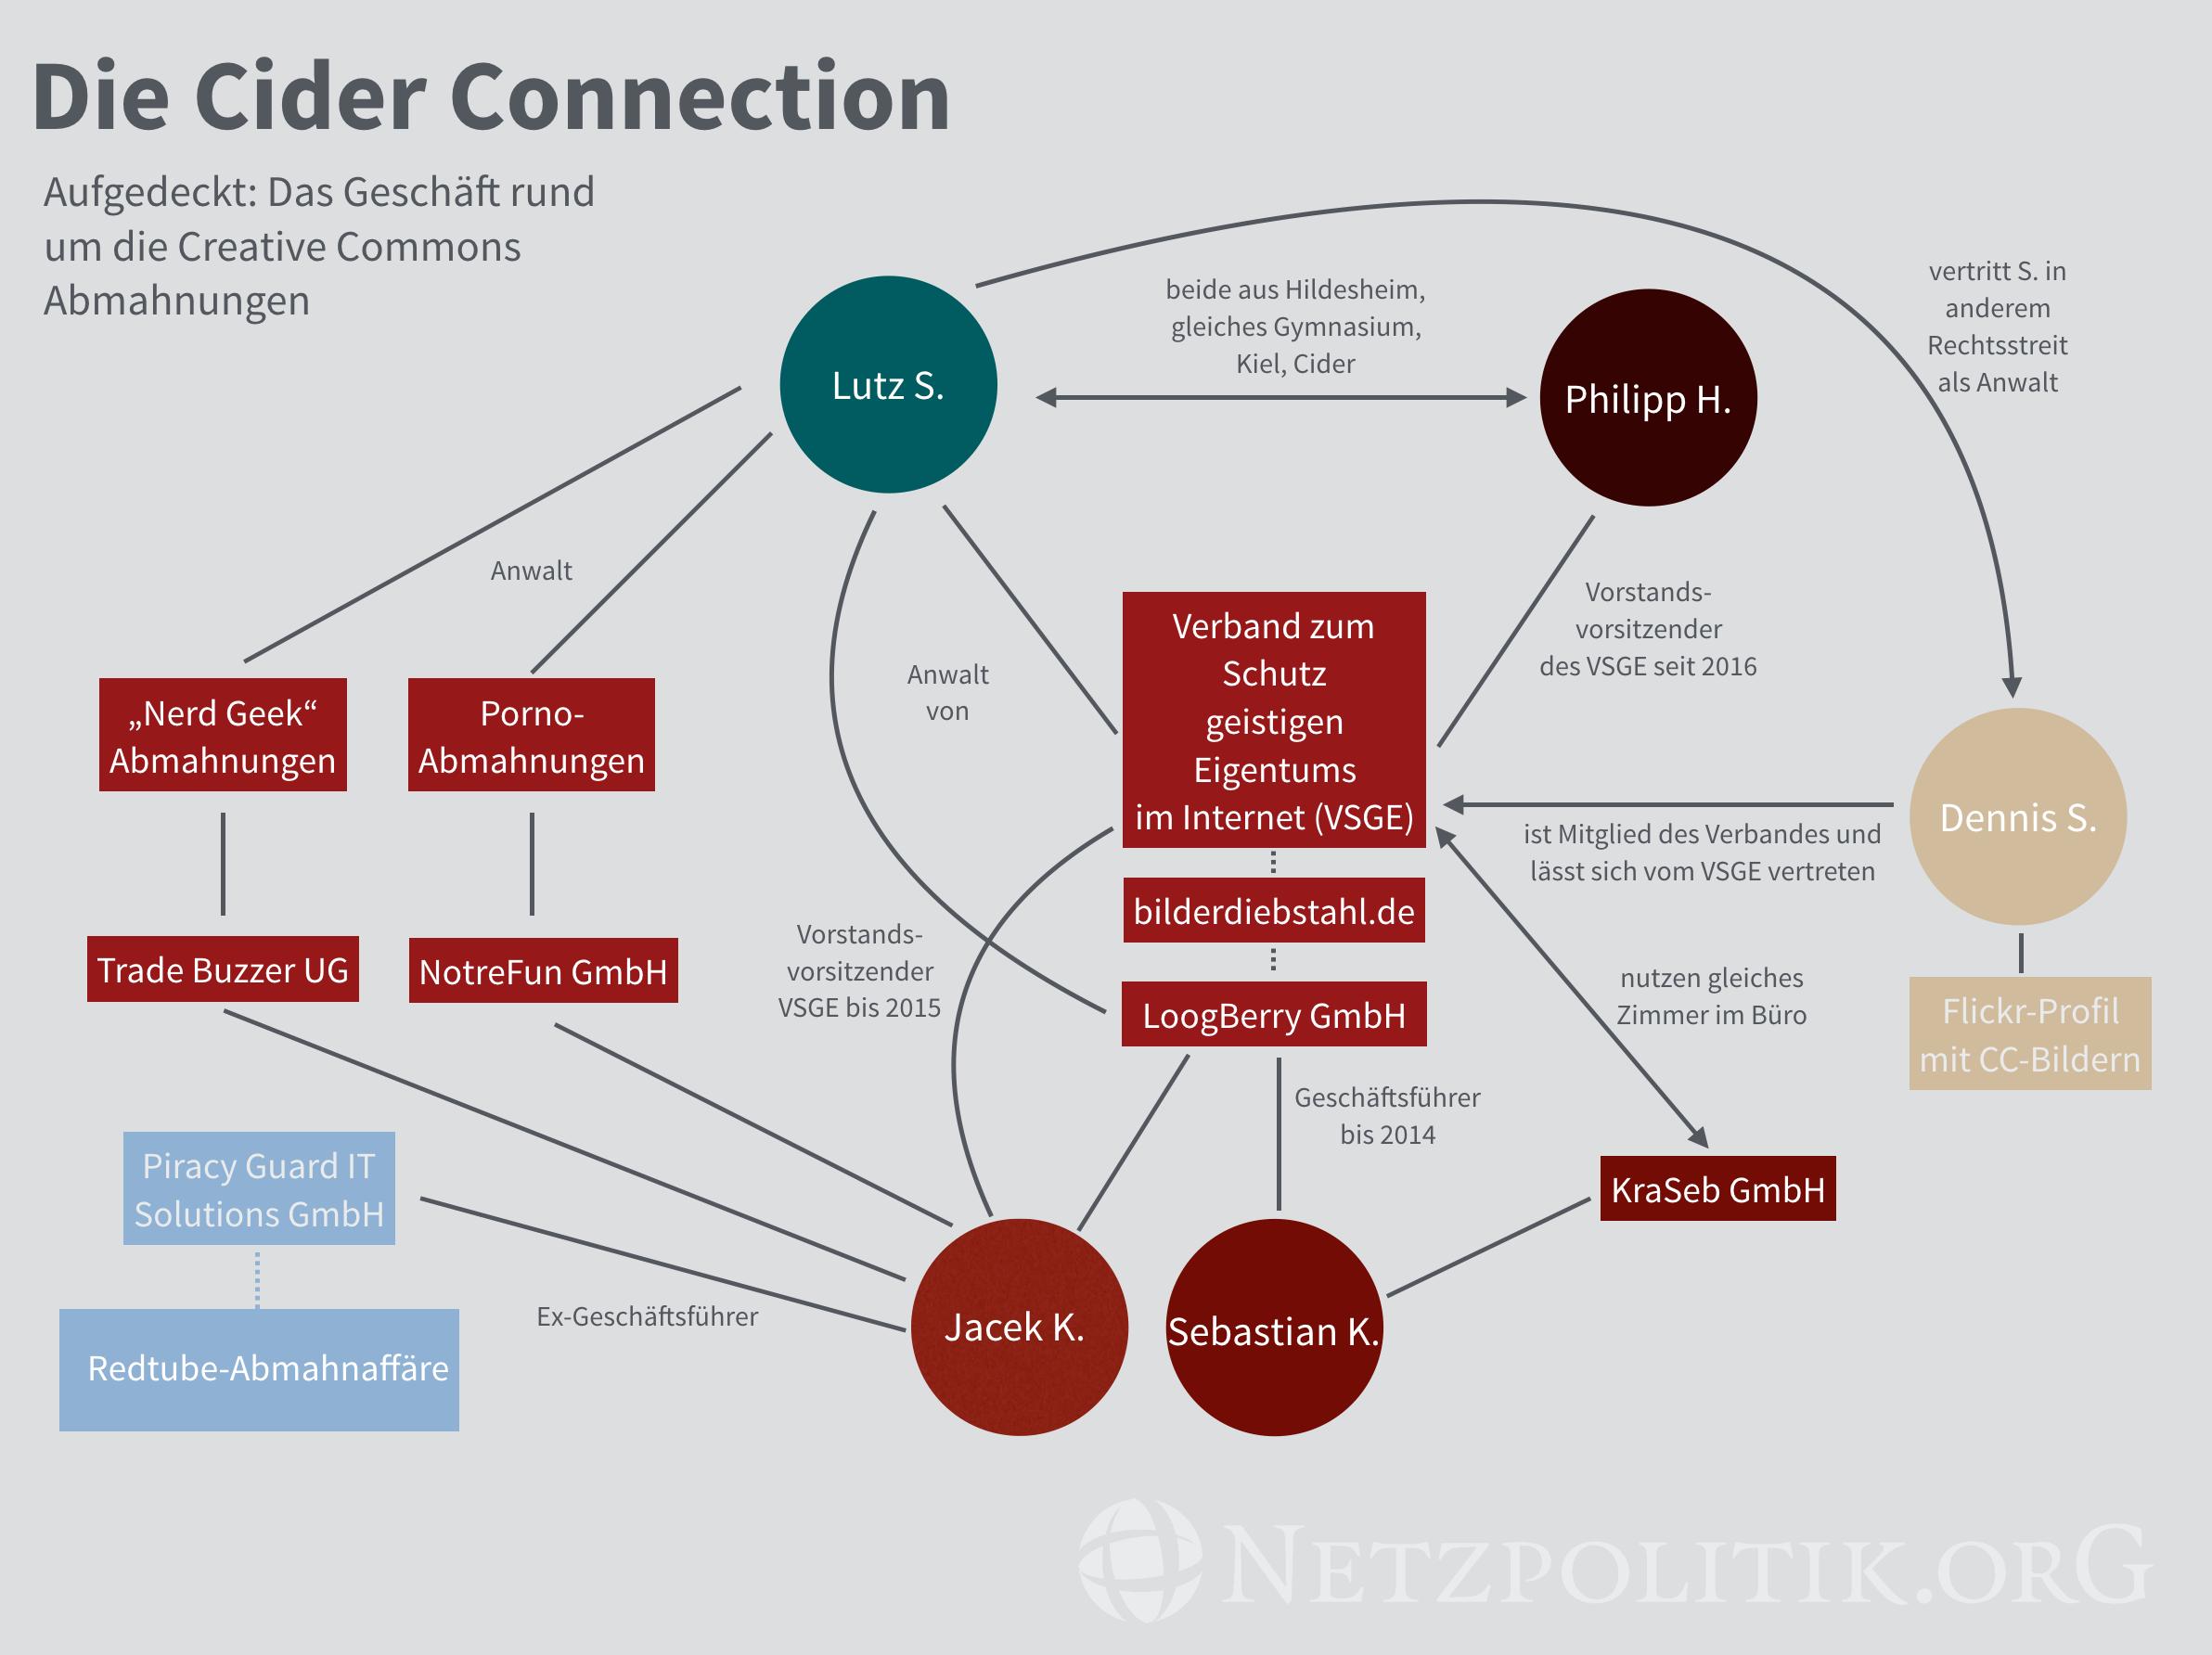 Firmen- und Beziehungsgeflecht der Cider Connection. Zum Vergrößern auf das Bild klicken. (Stand Juni 2016)